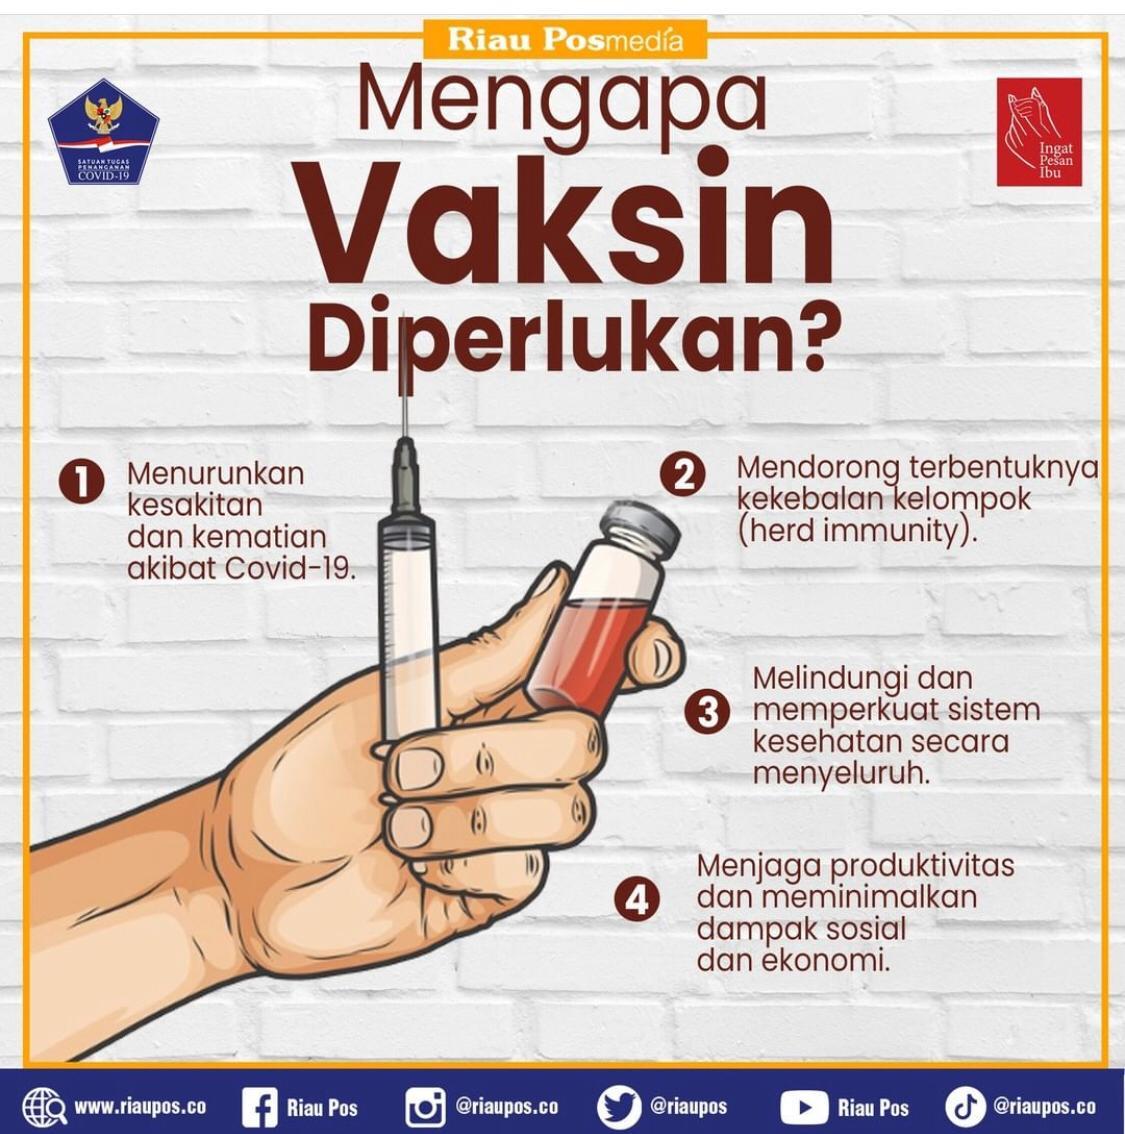 Prokes dan Vaksin, Senjata Ampuh Memutus Mata Rantai Covid-19